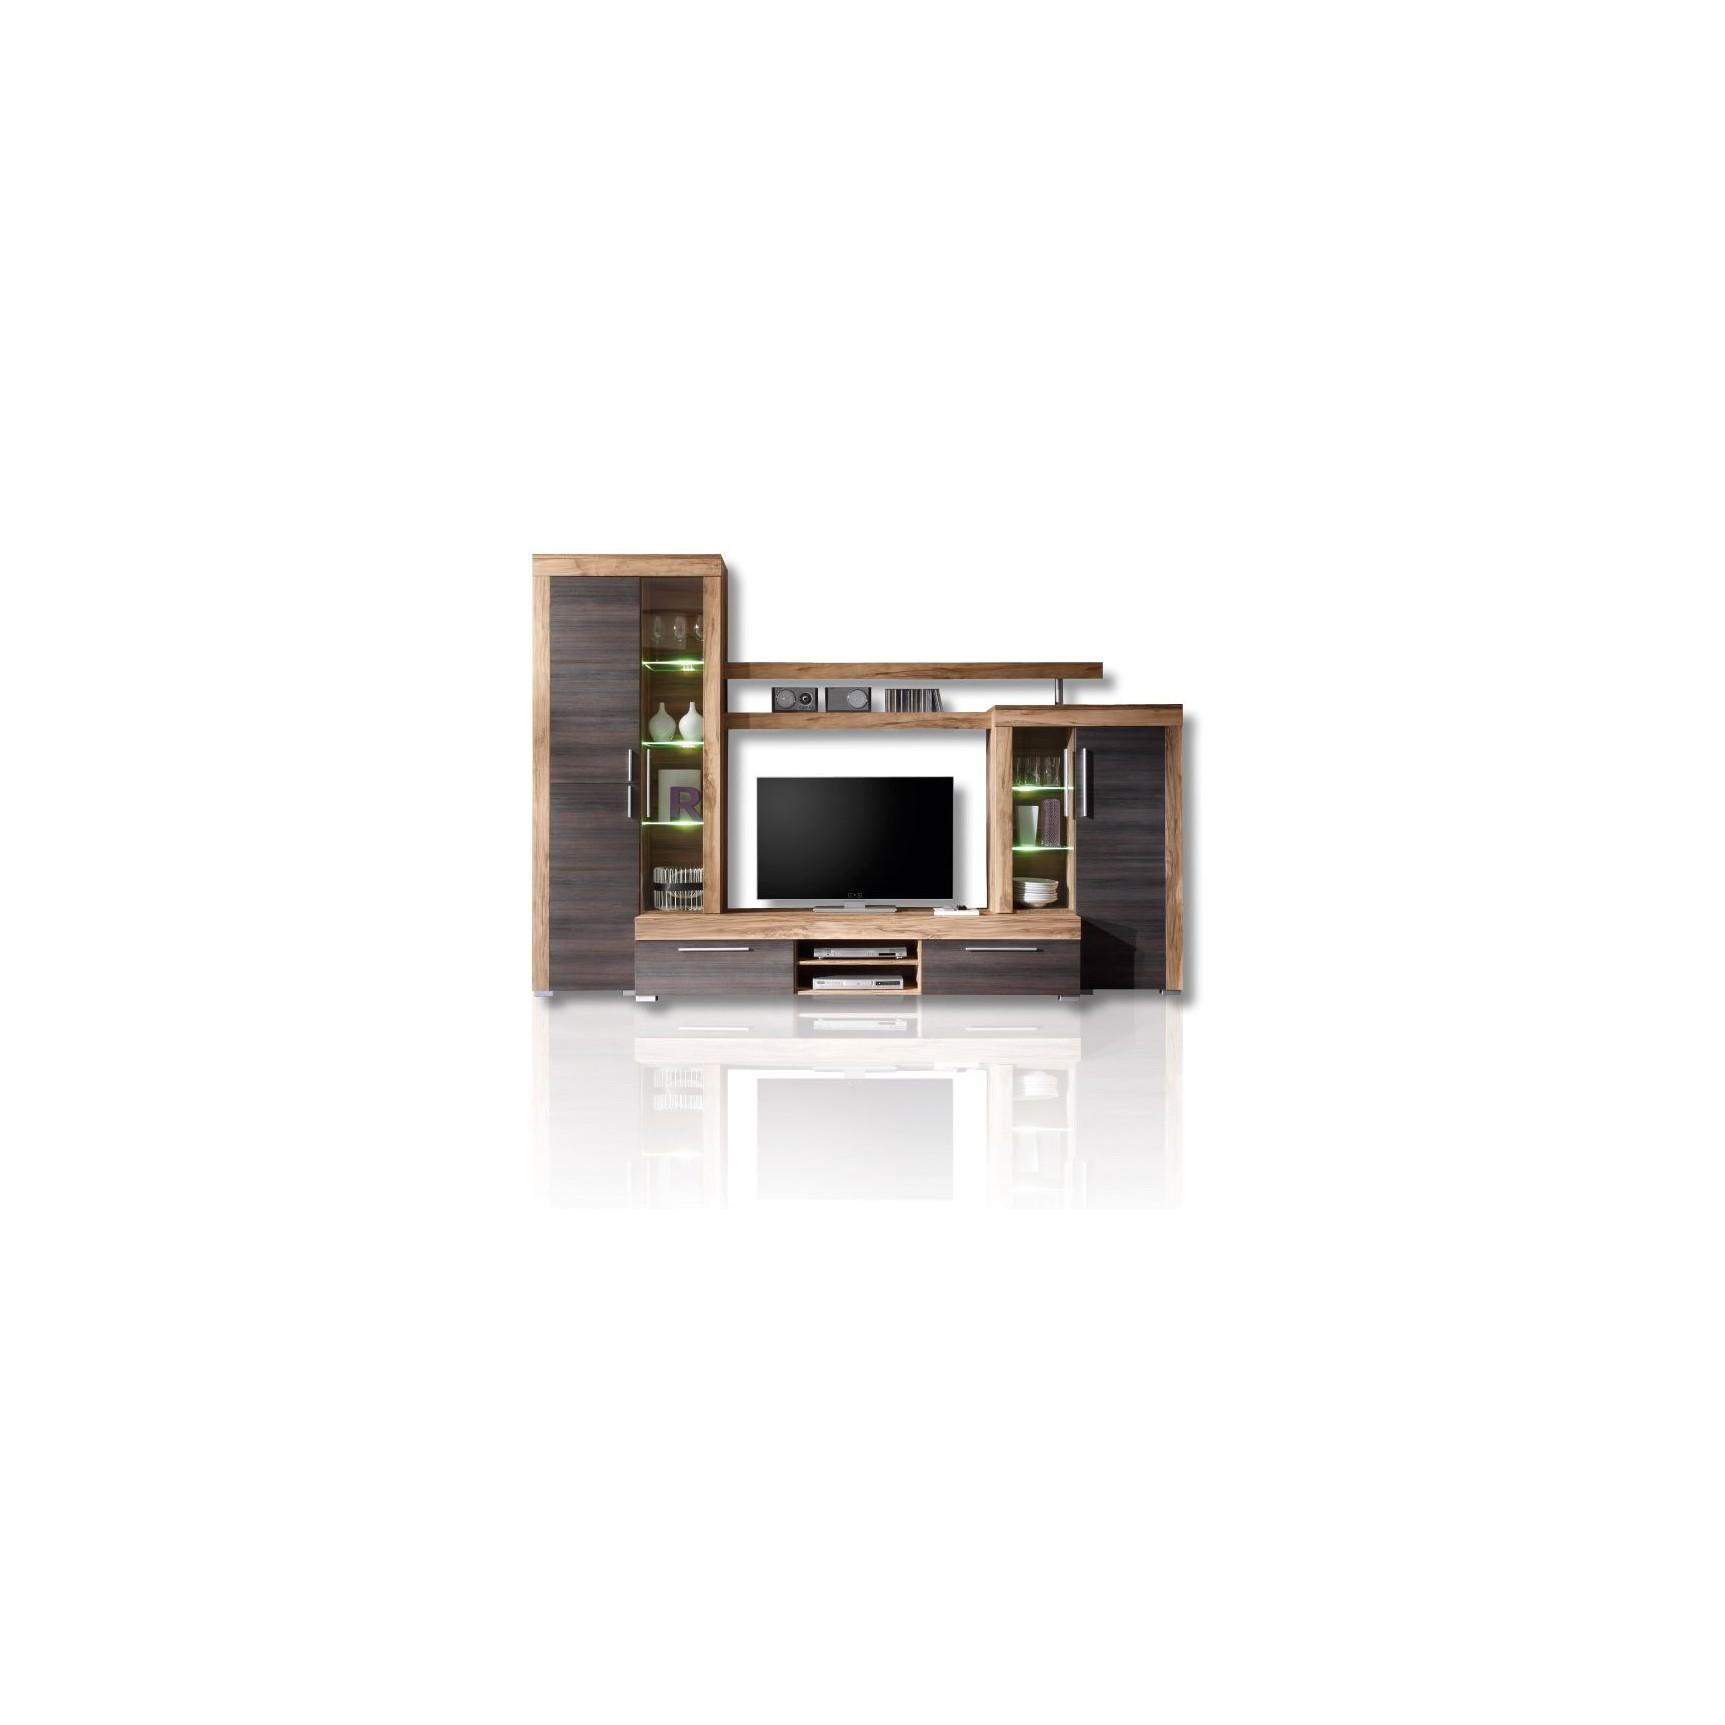 Meuble TV ALBY 140cm  meuble tv design  boutique de meuble desing